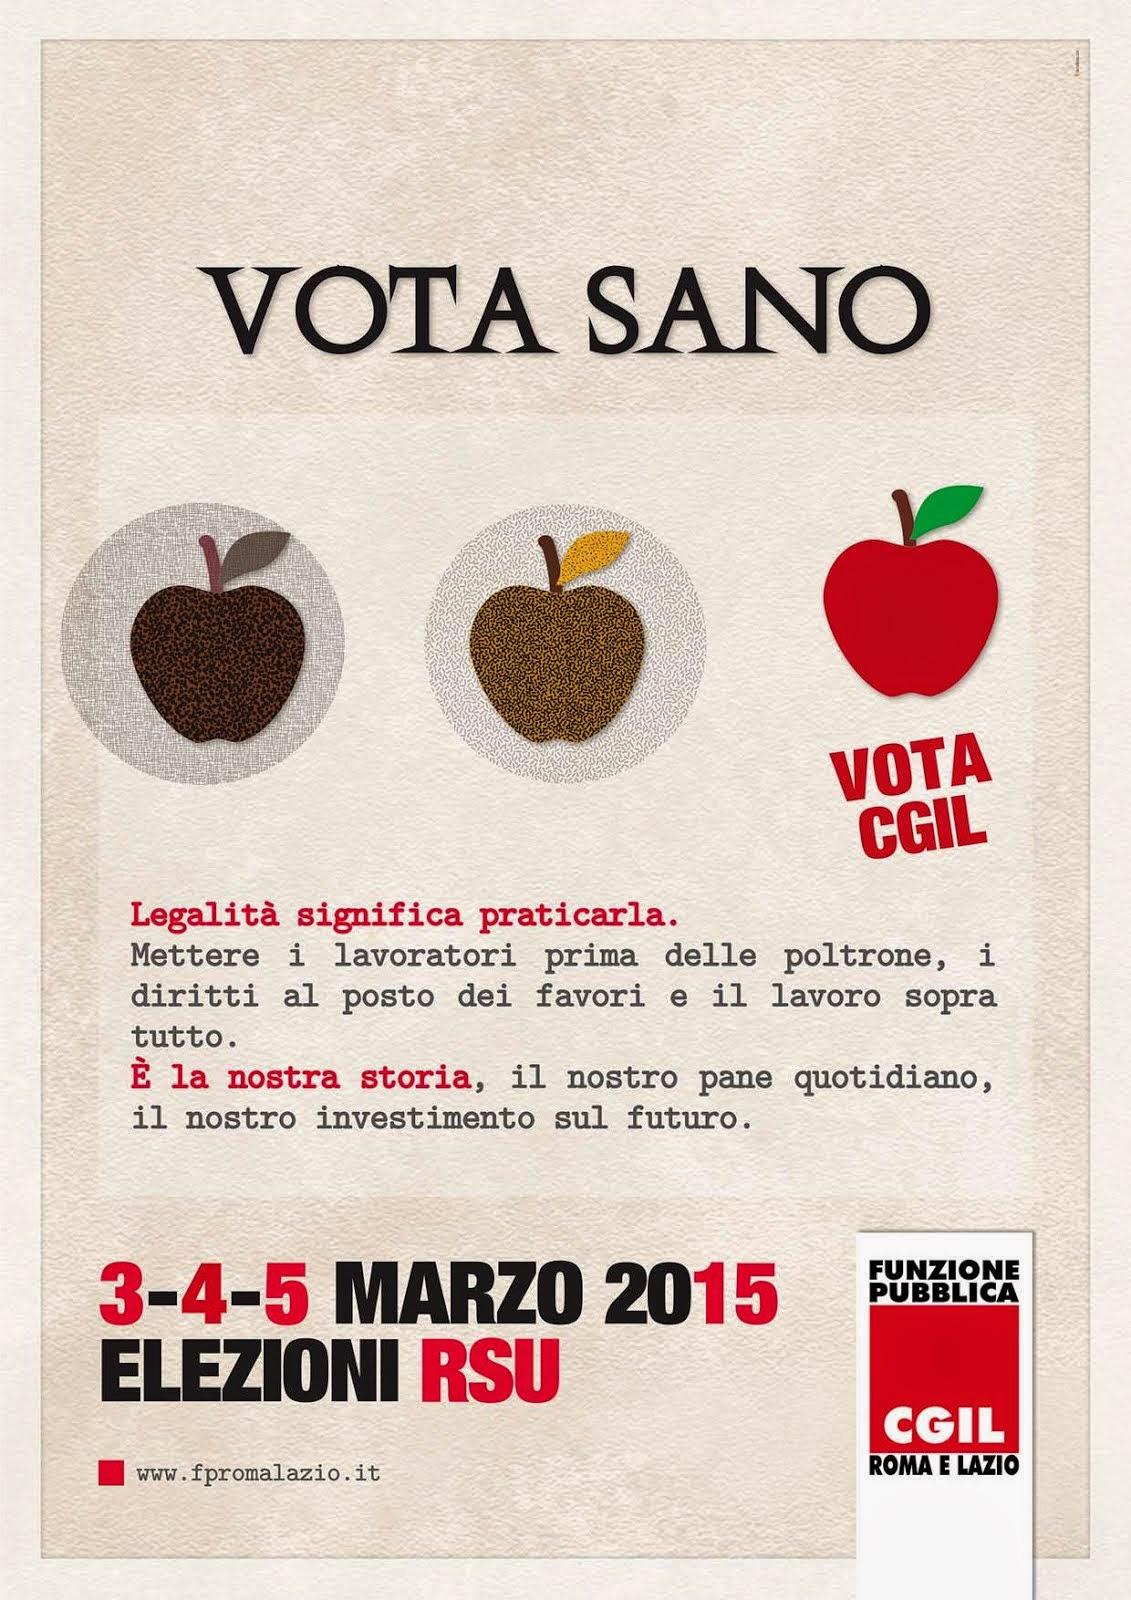 3-4-5-MARZO 2015 ELEZIONI RSU